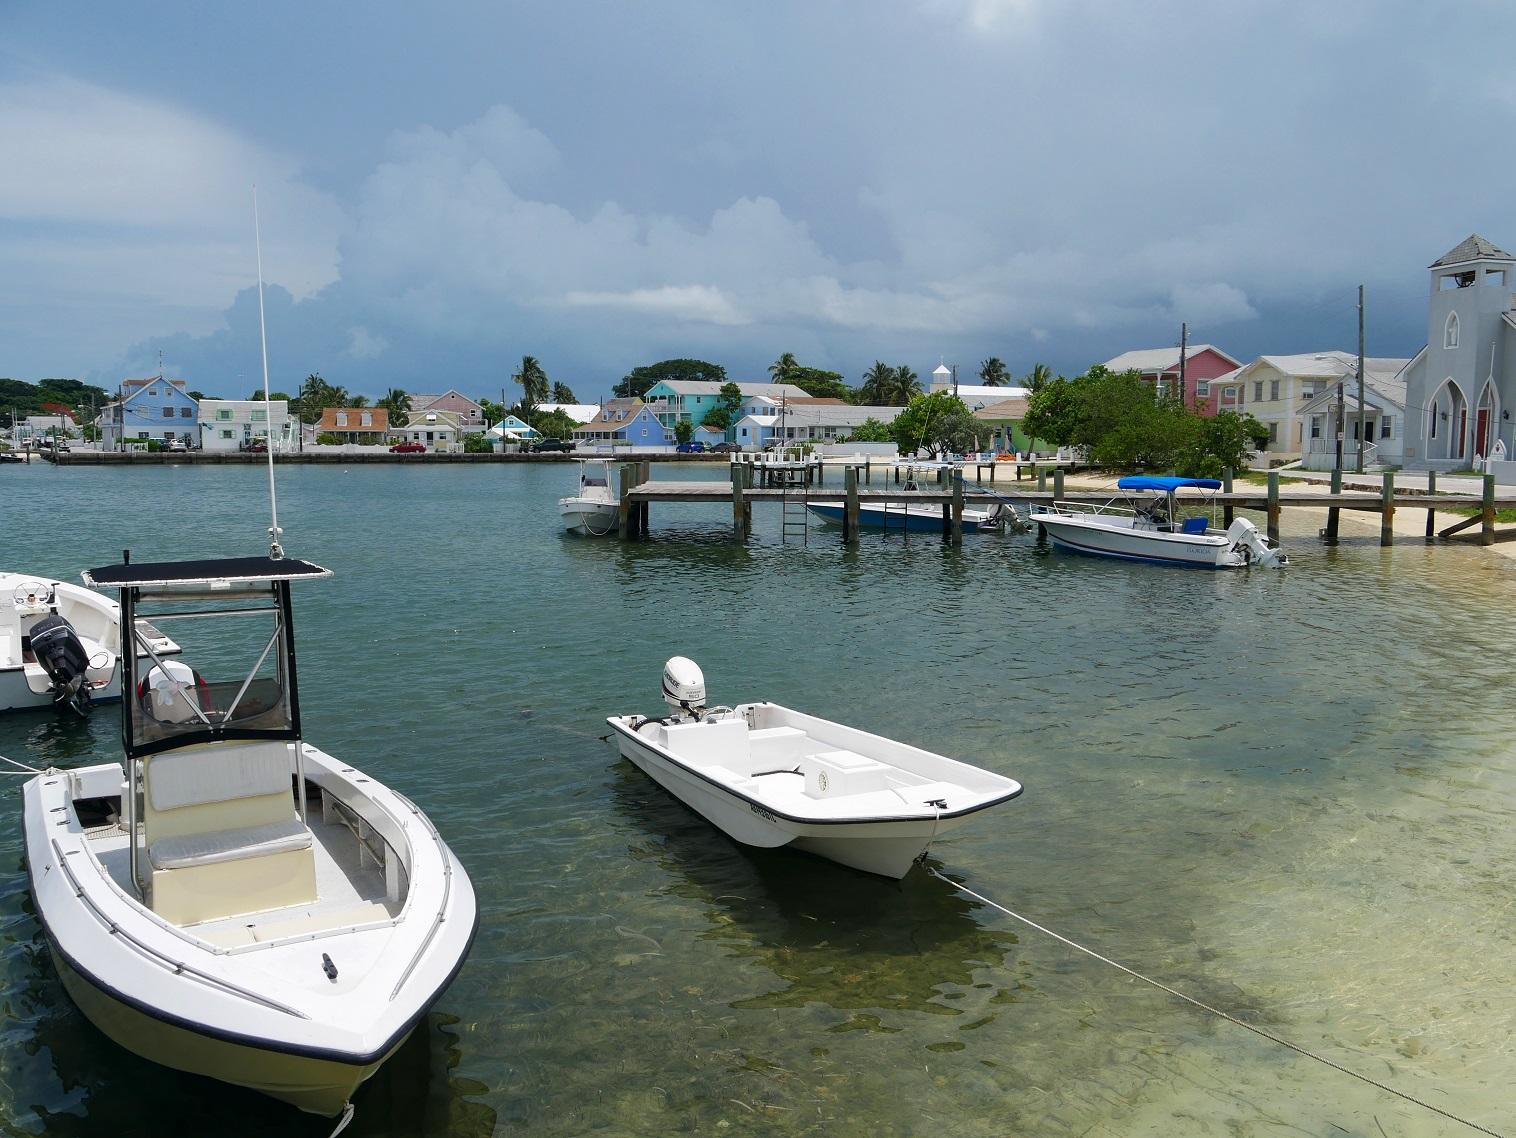 Settlement Creek, Green Turtle Cay, Abaco, Bahamas